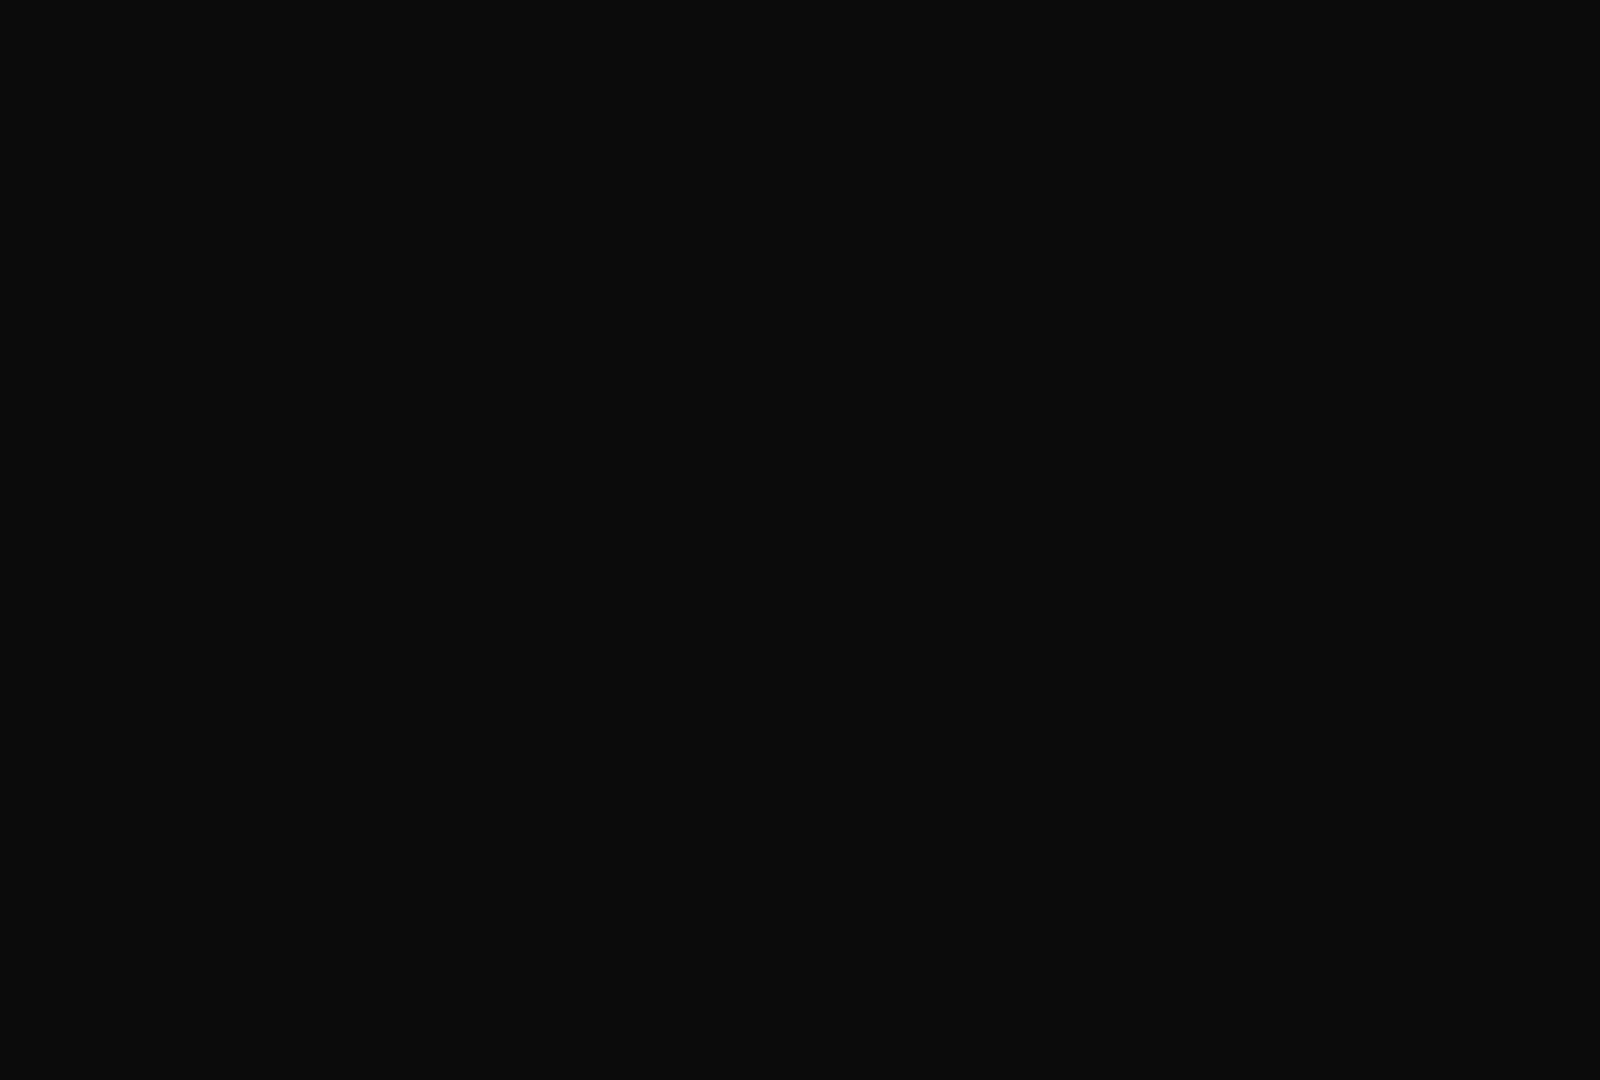 充血監督の深夜の運動会Vol.85 エッチなセックス | 車の中のカップル  100画像 73